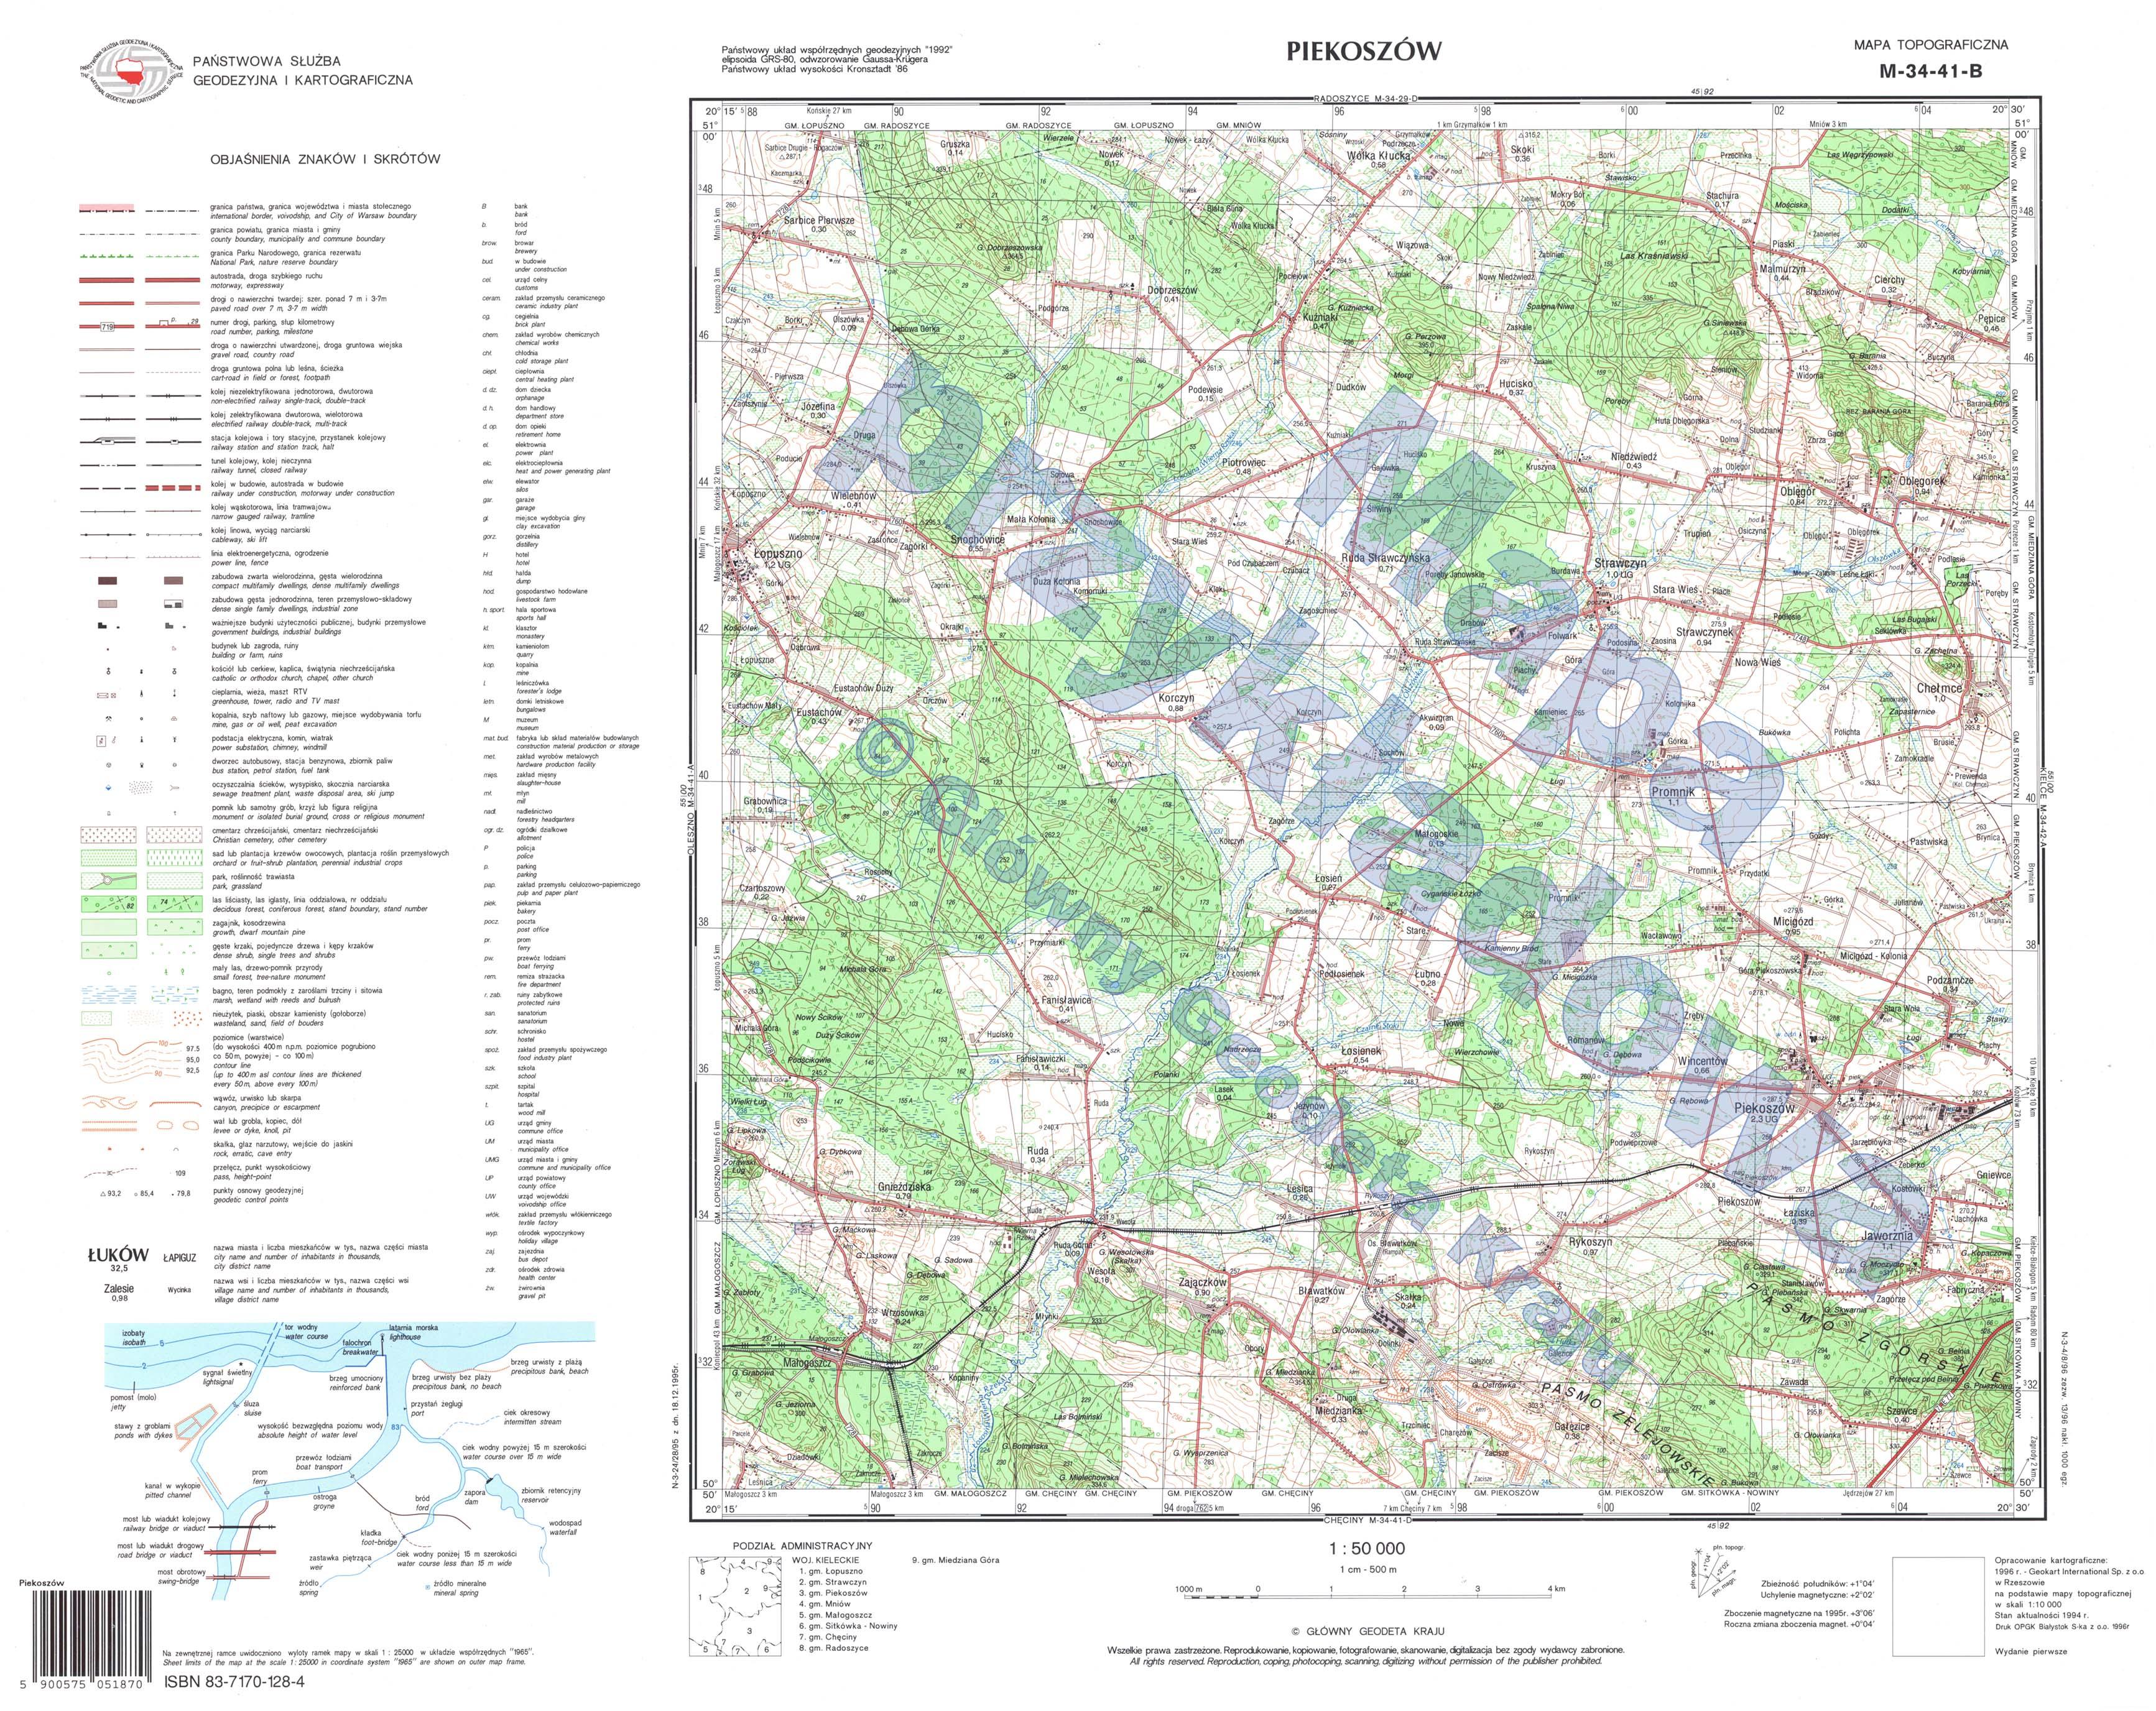 Mapy Topograficzne Glowny Urzad Geodezji I Kartografii